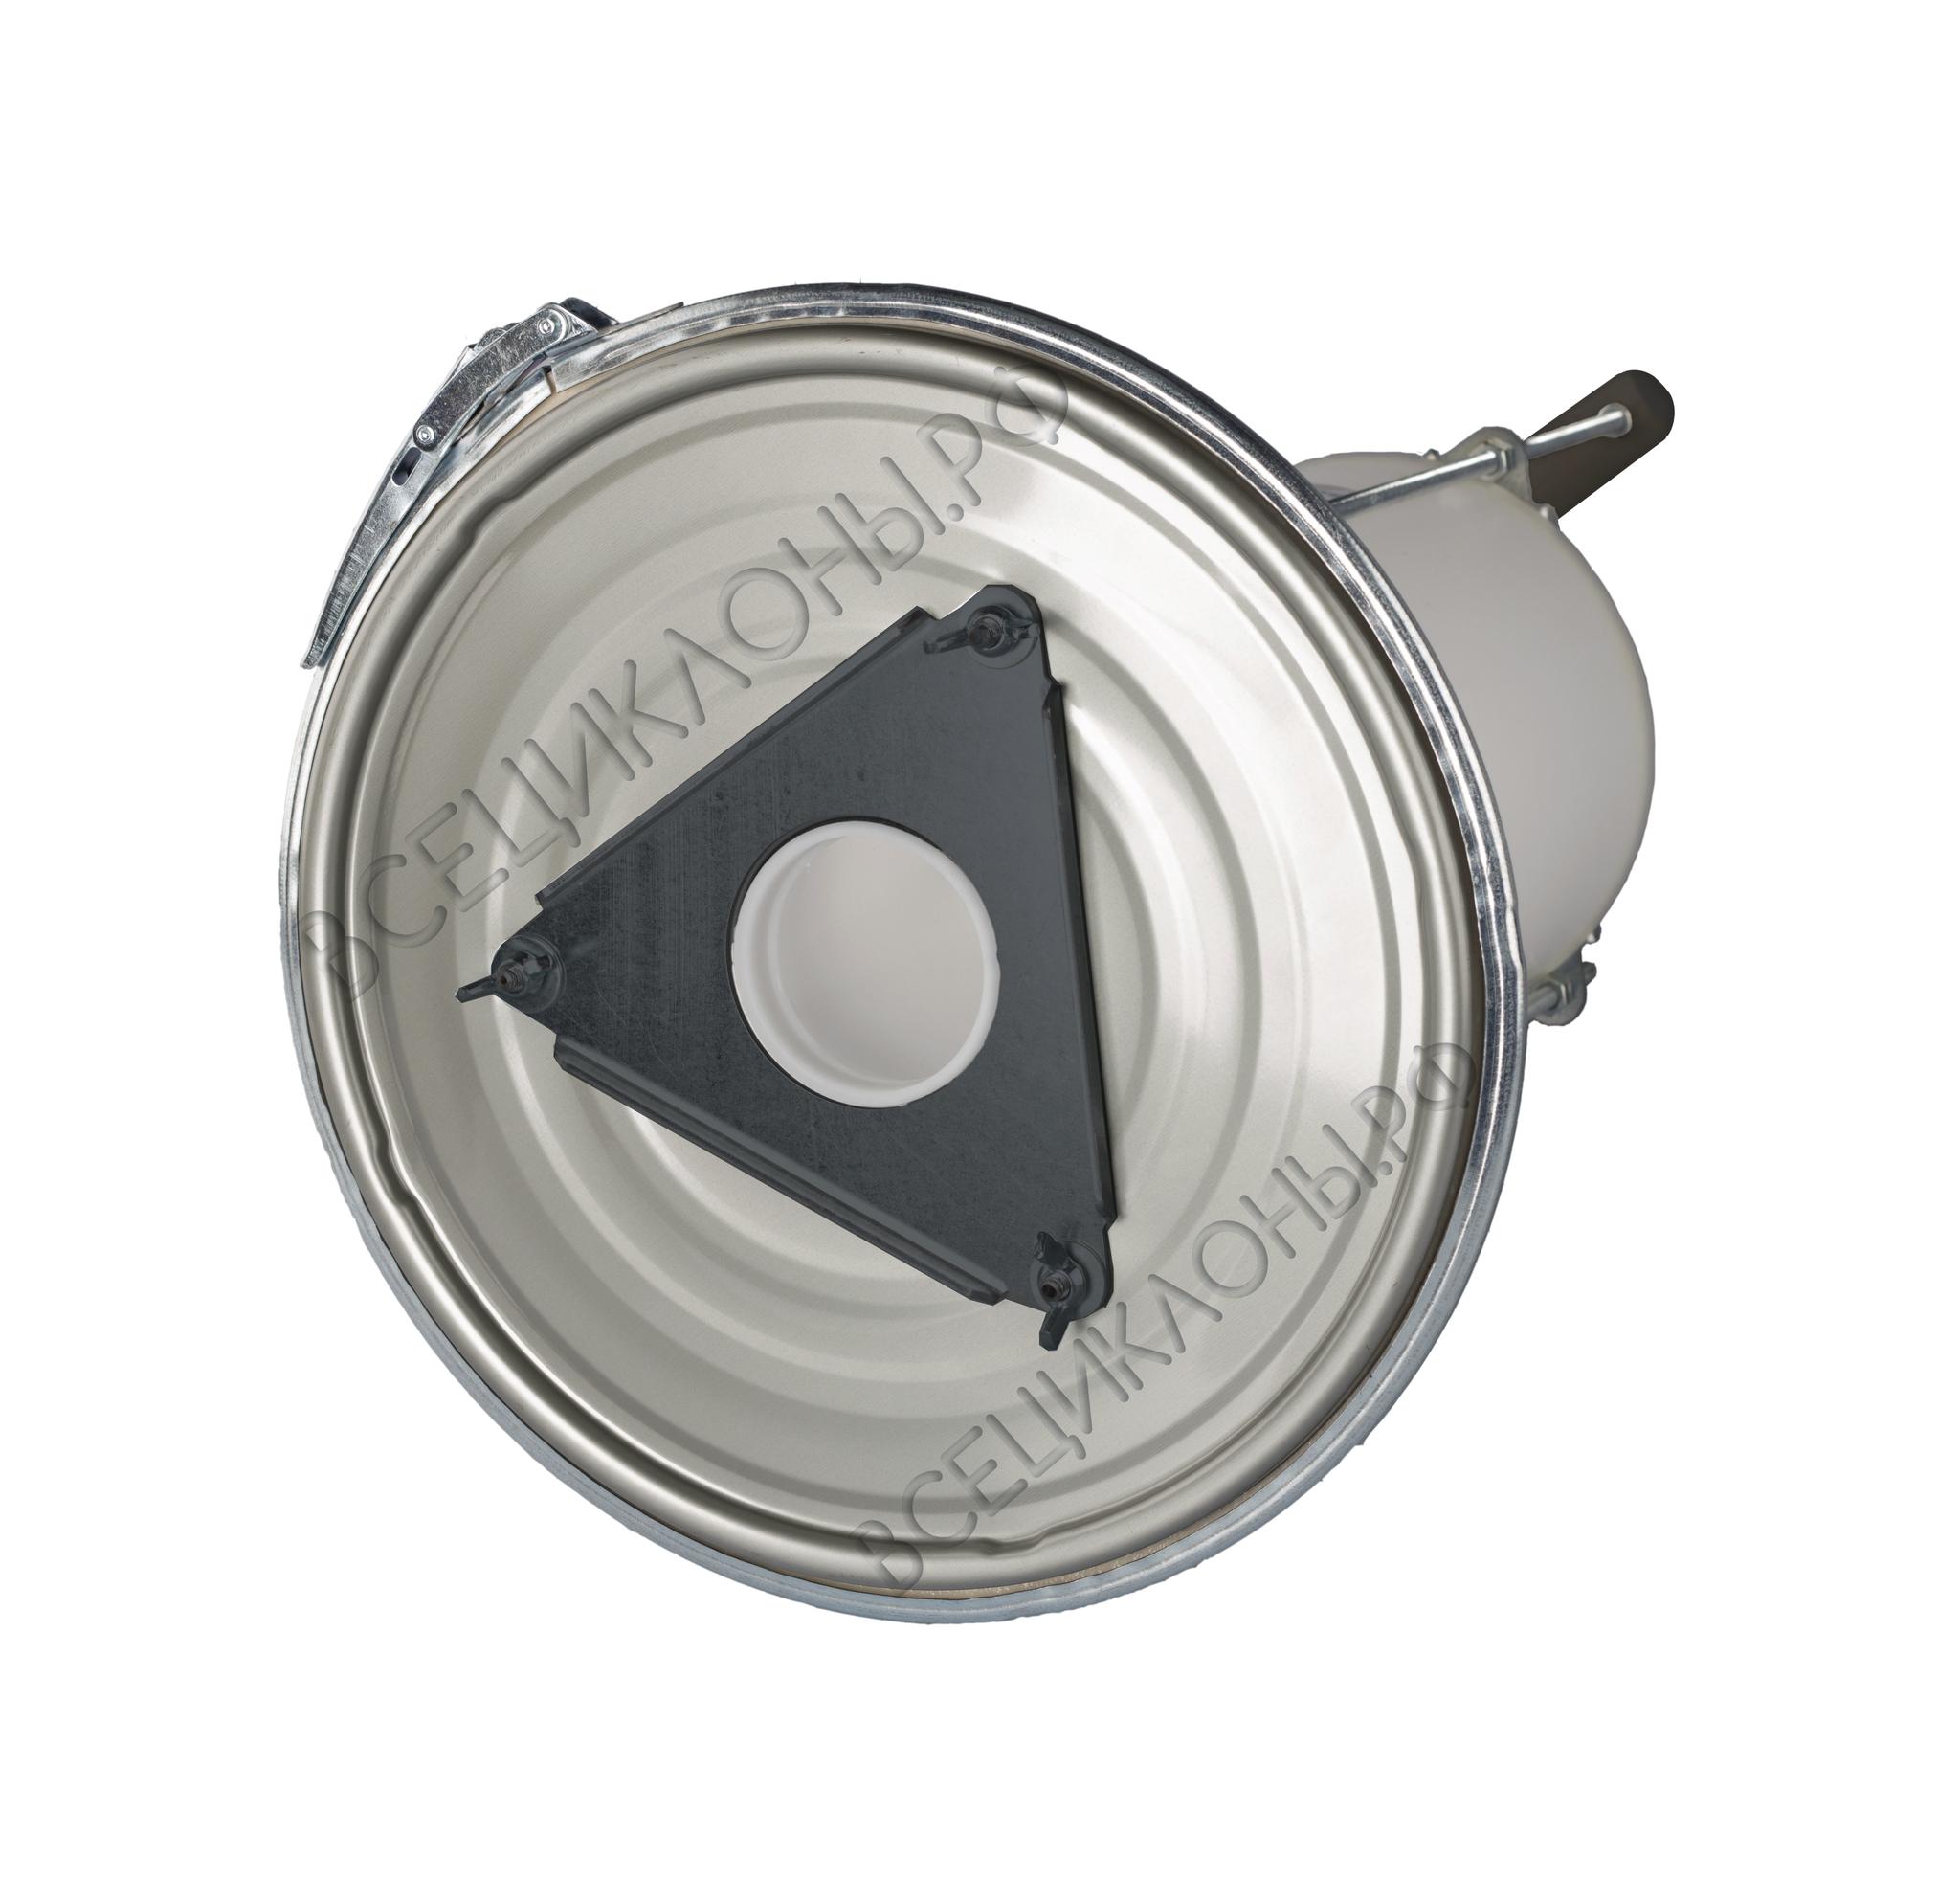 Скелетный крепёж для циклона MicroDust, крышка и циклонный фильтр продаются отдельно